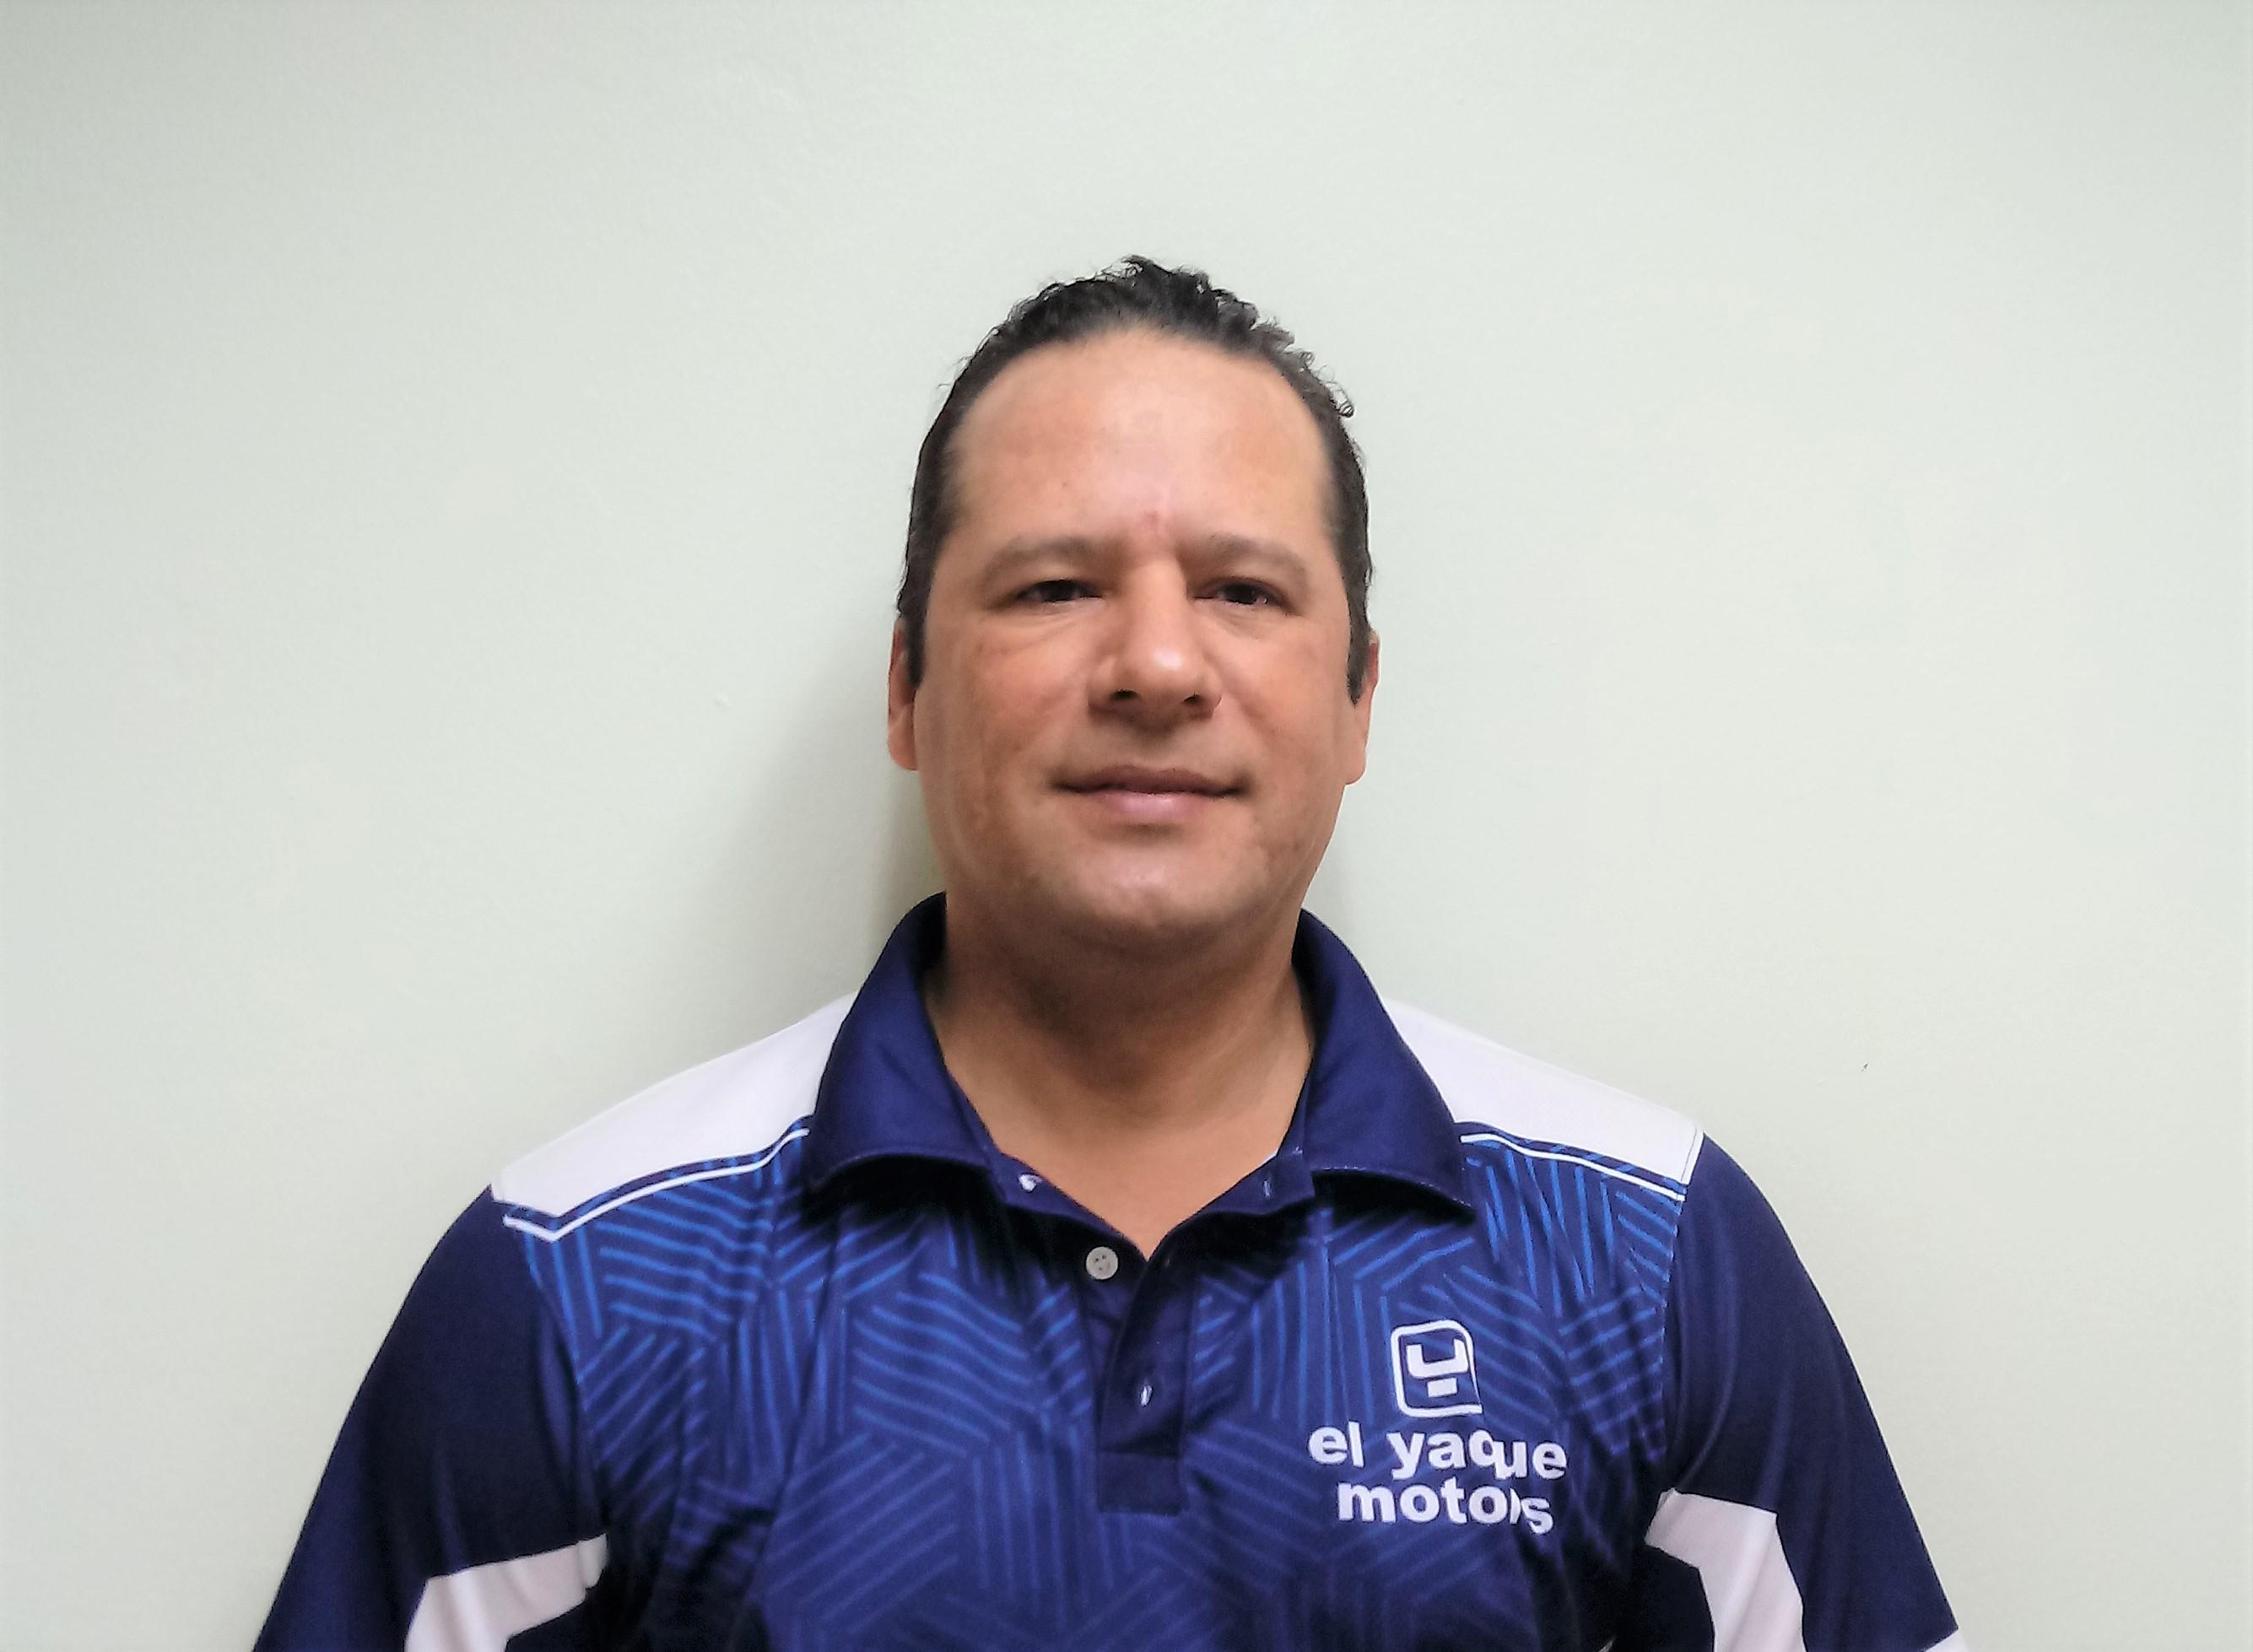 Jose Marcos Cabrera